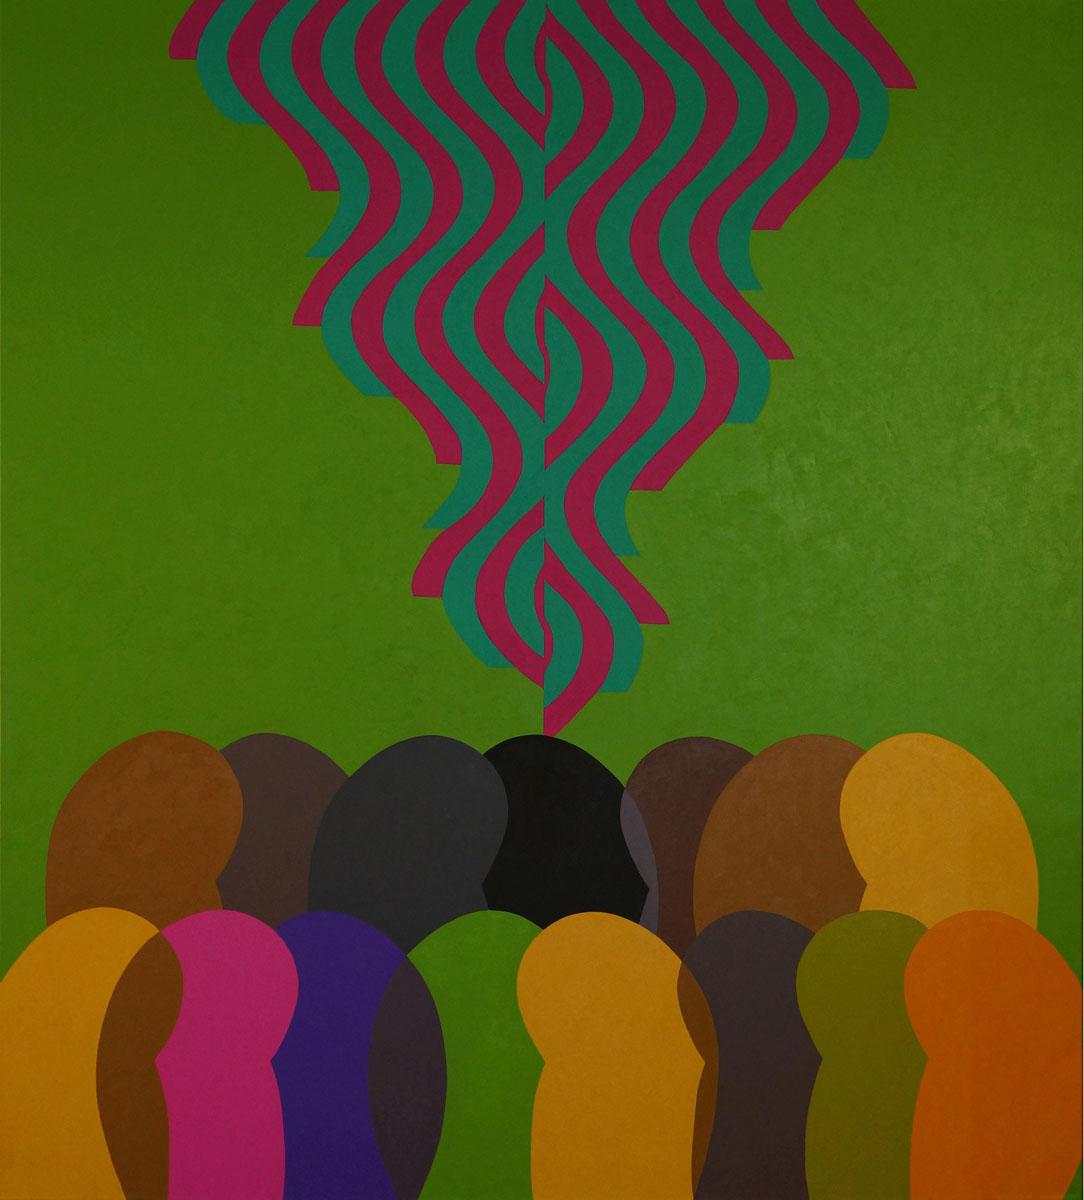 Mohamed Meleh,Taymour Grahne Gallery